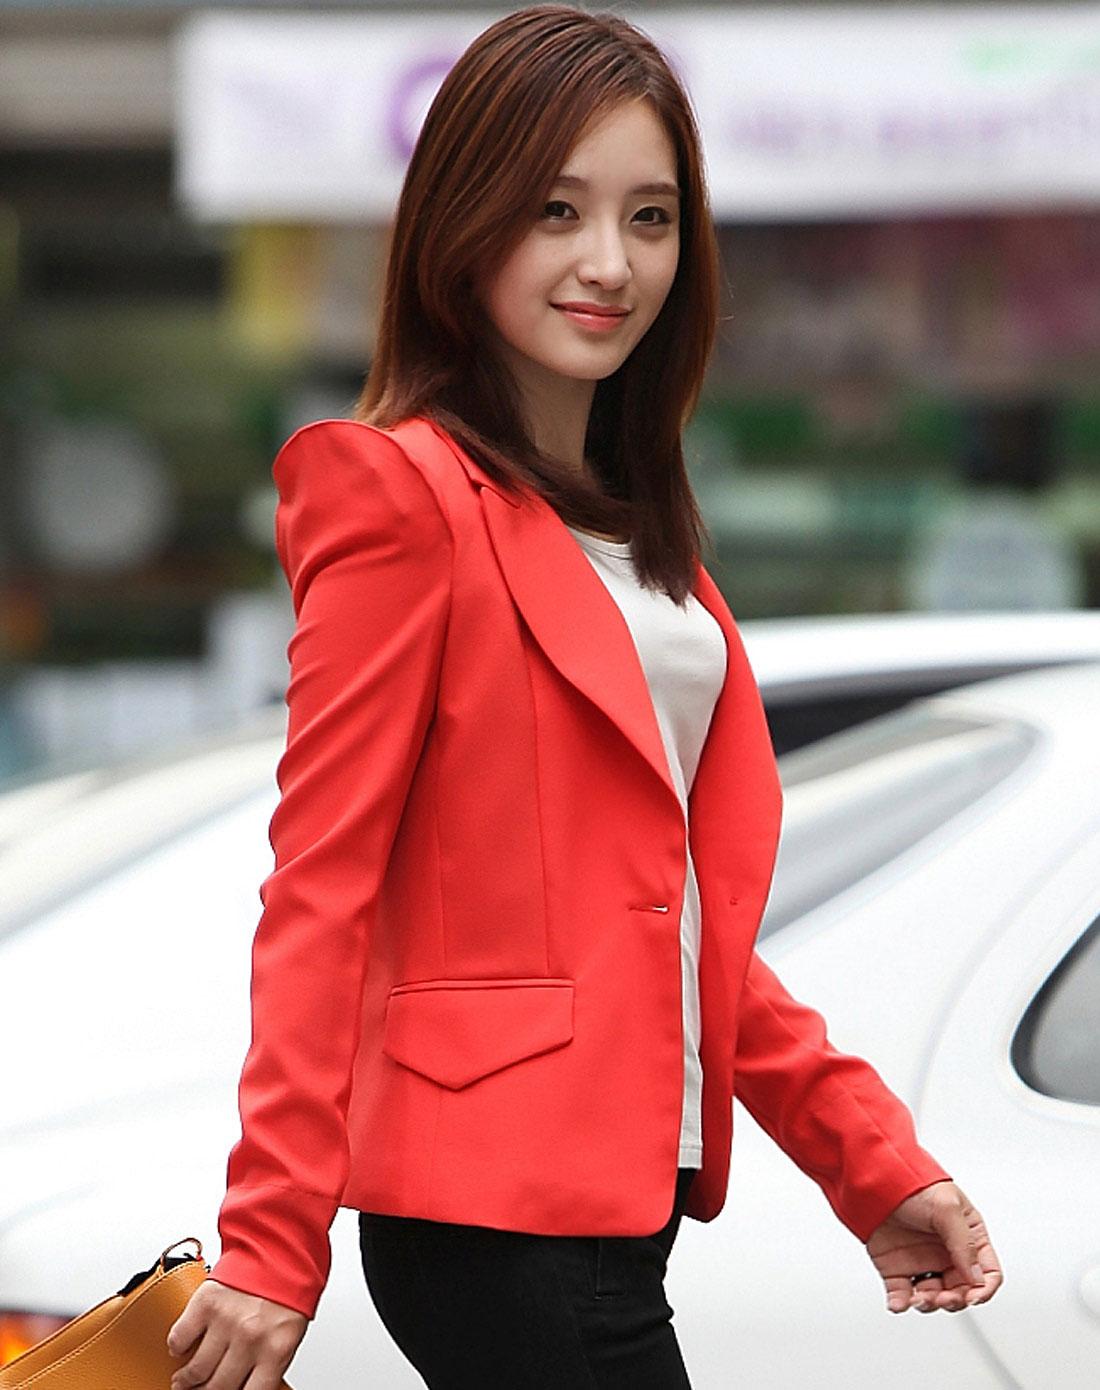 女女干_女款橘红色纯色修身小西装